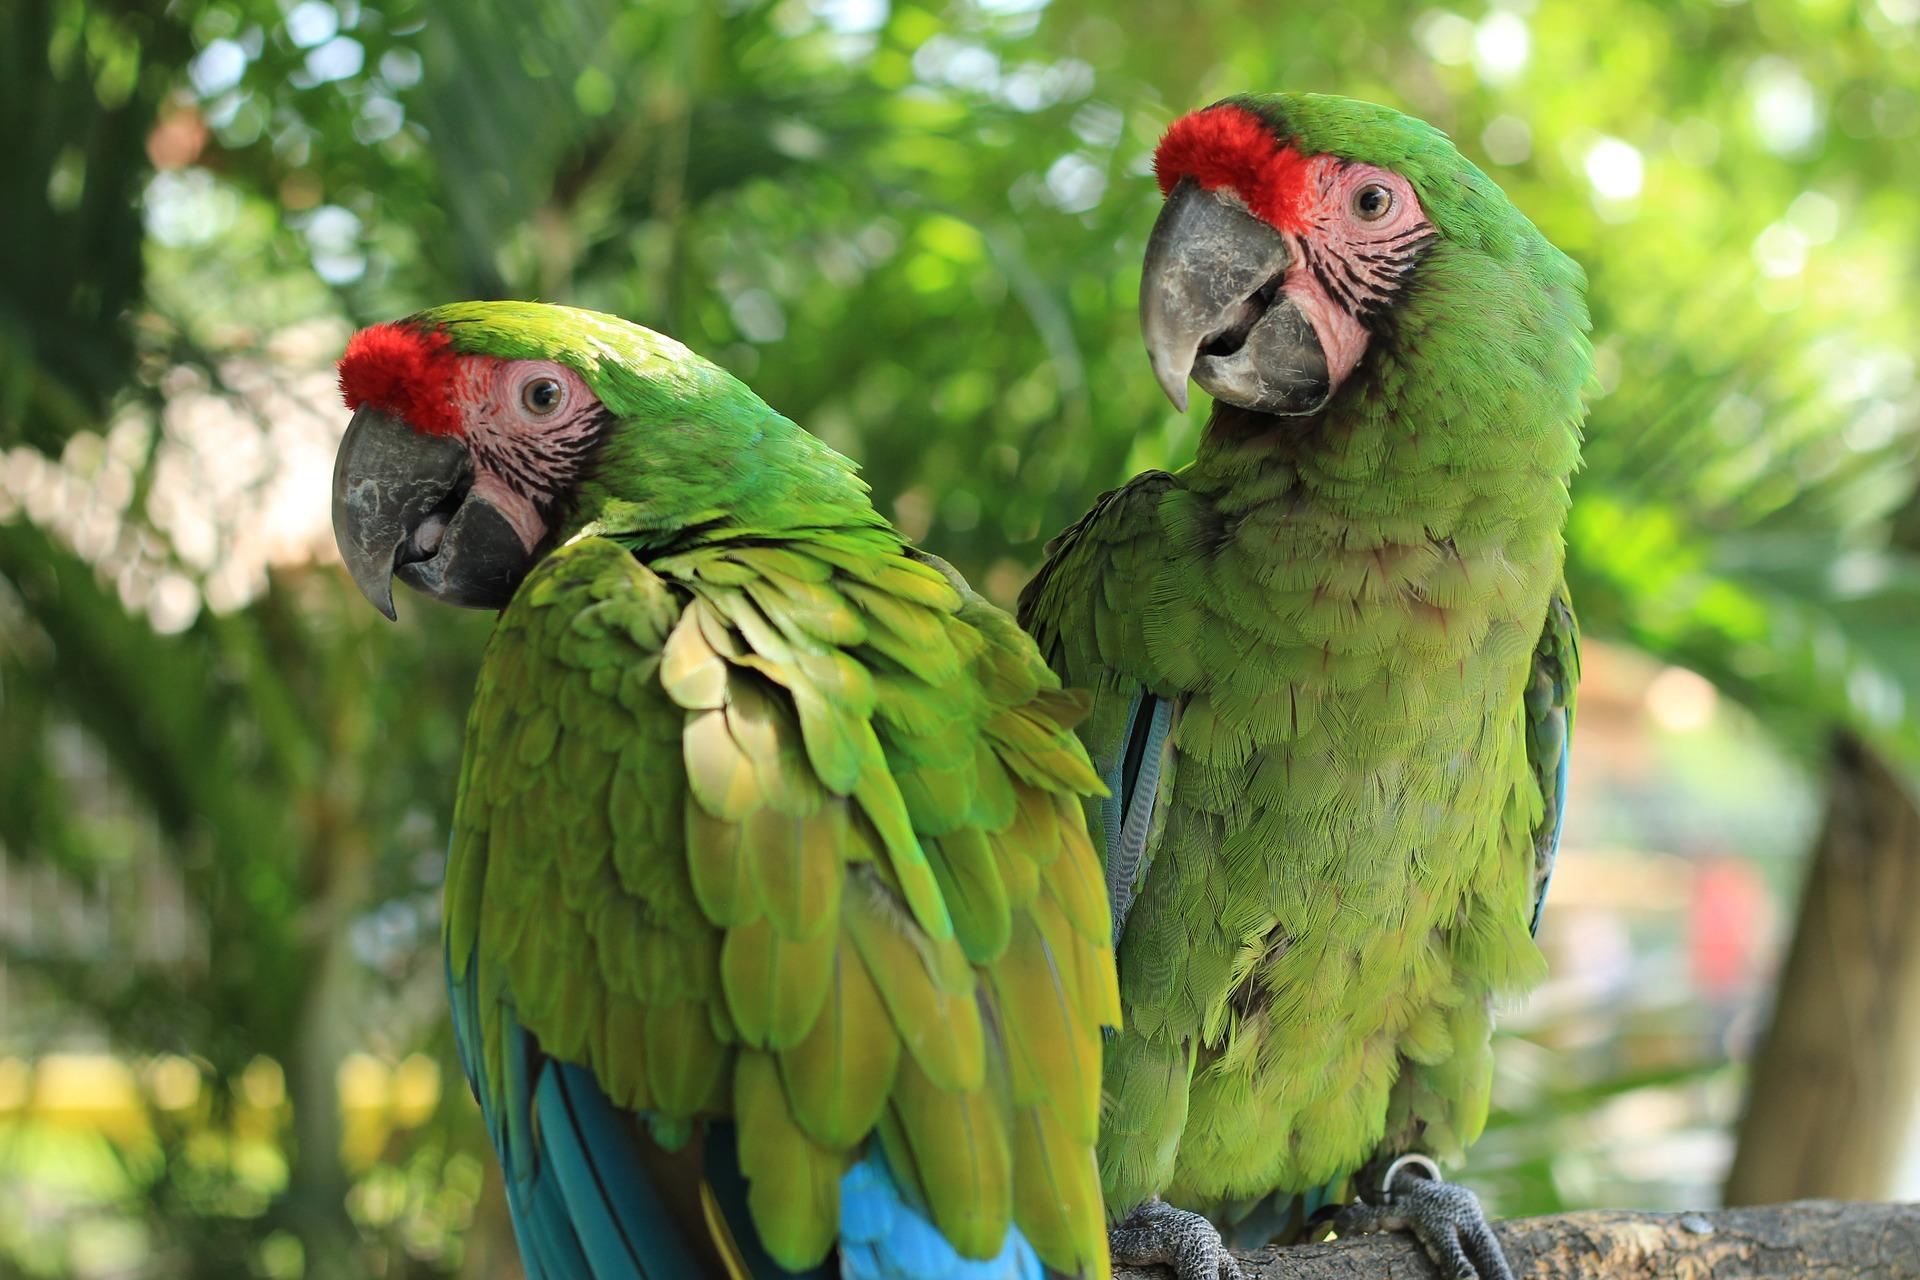 parrot-2659023_1920 (1)